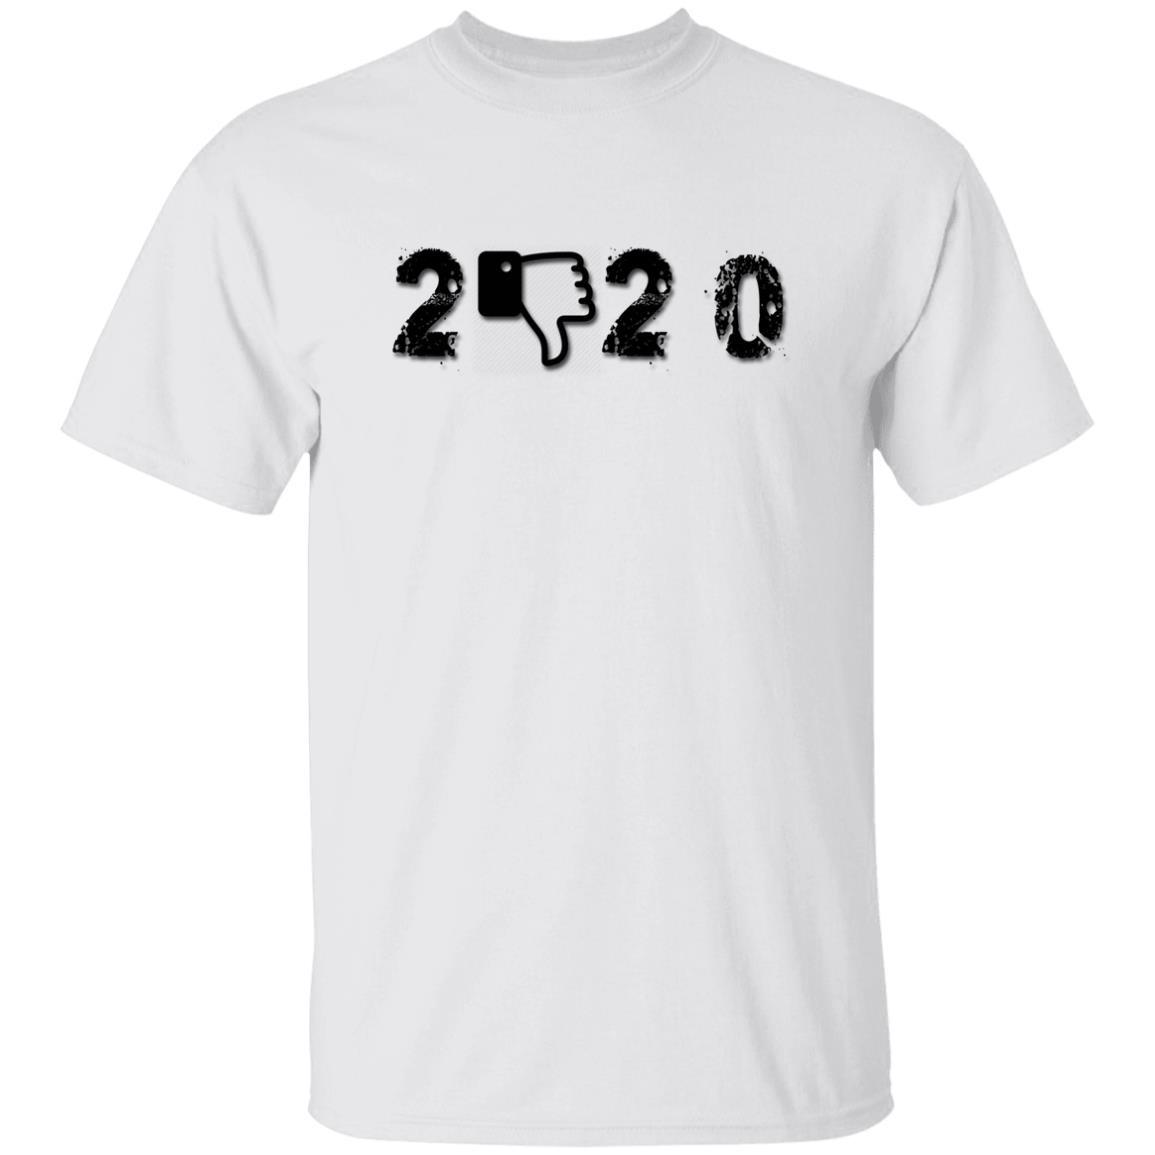 2020 Thump Down Unisex T-Shirt